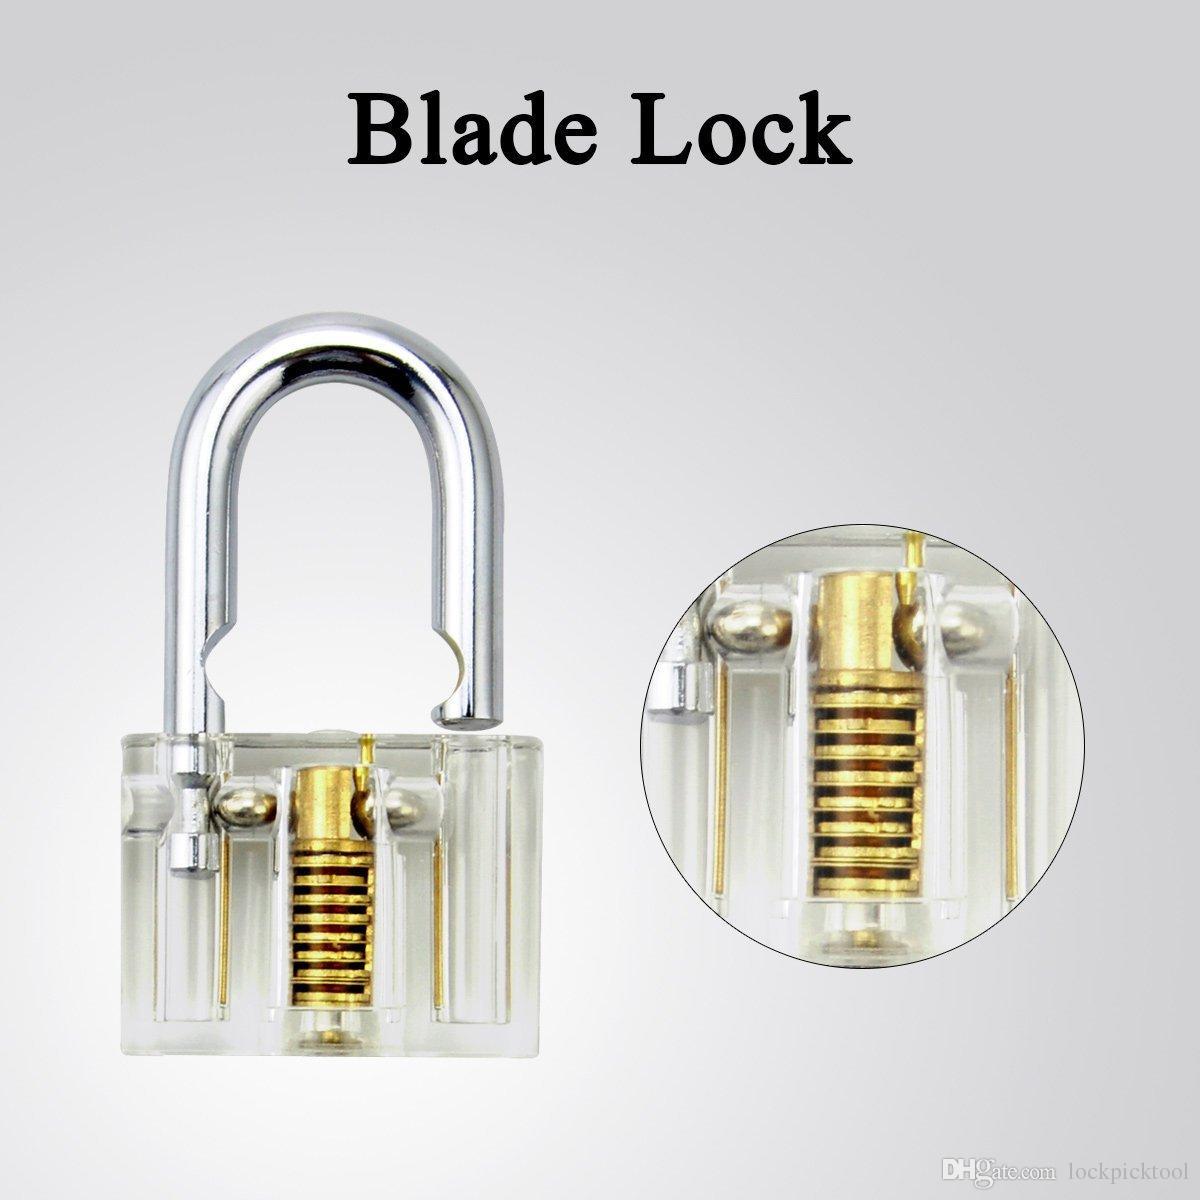 Practice Lock Set serralheiro Habilidade Trainning Bloqueio Escolha Ferramenta Transparente Cutaway Cristal Pin Tumbler com chave Cadeado por serralheiro Beginner